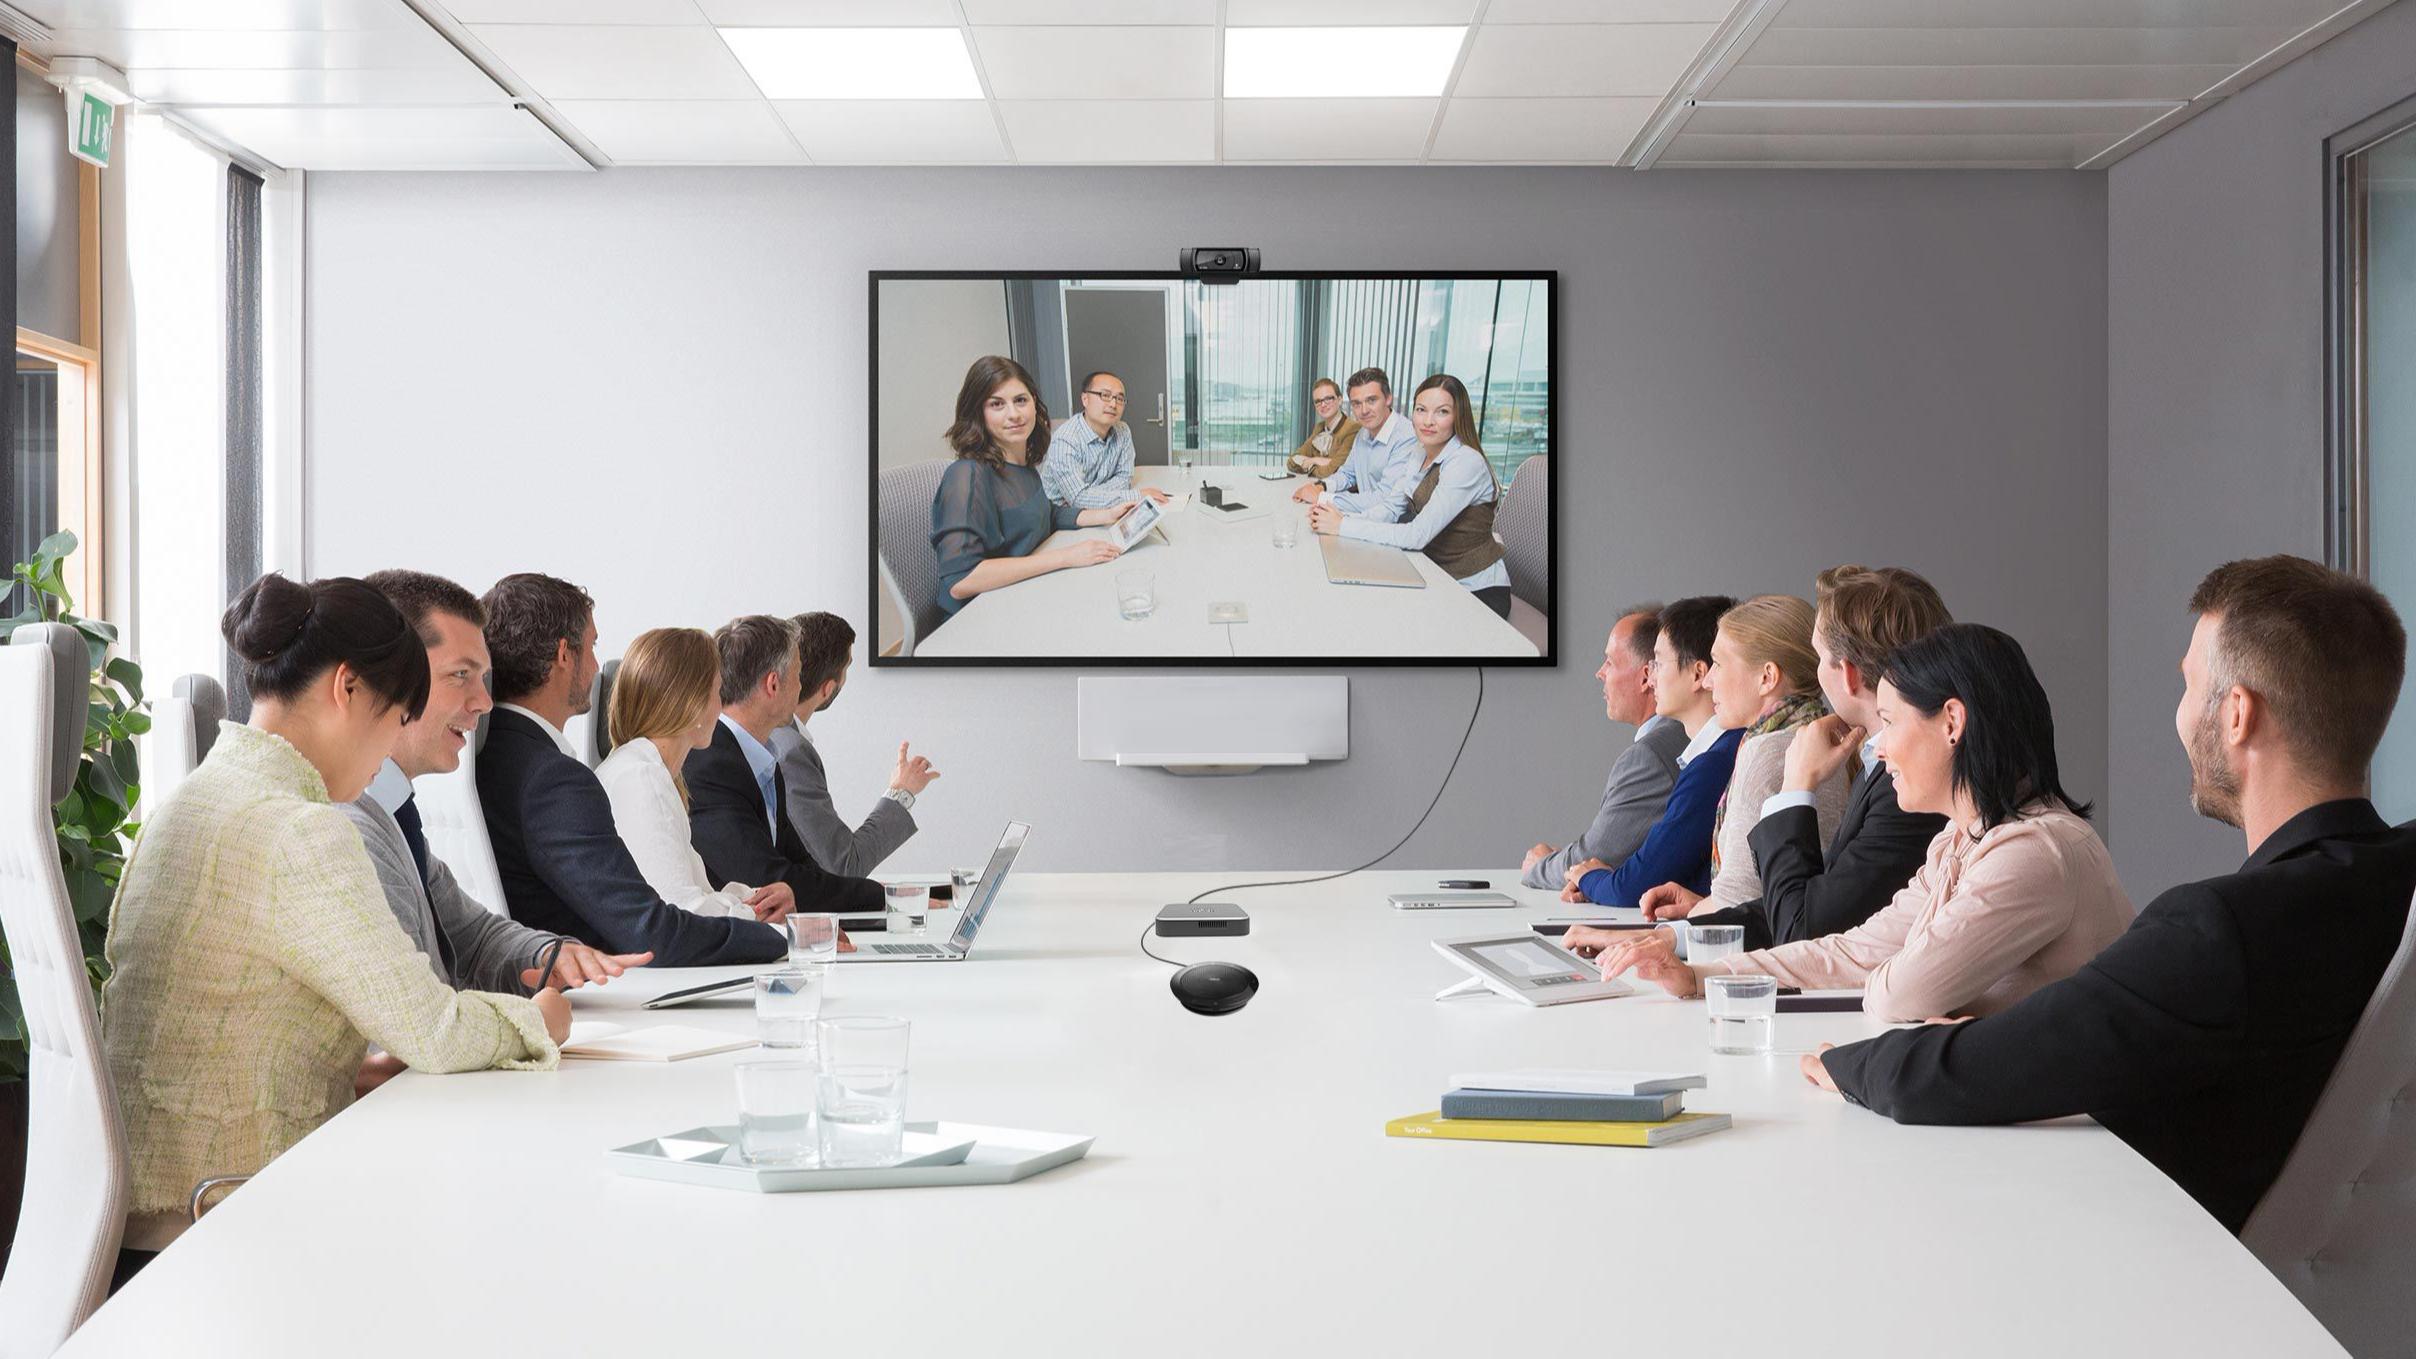 华为视频会议解决方案